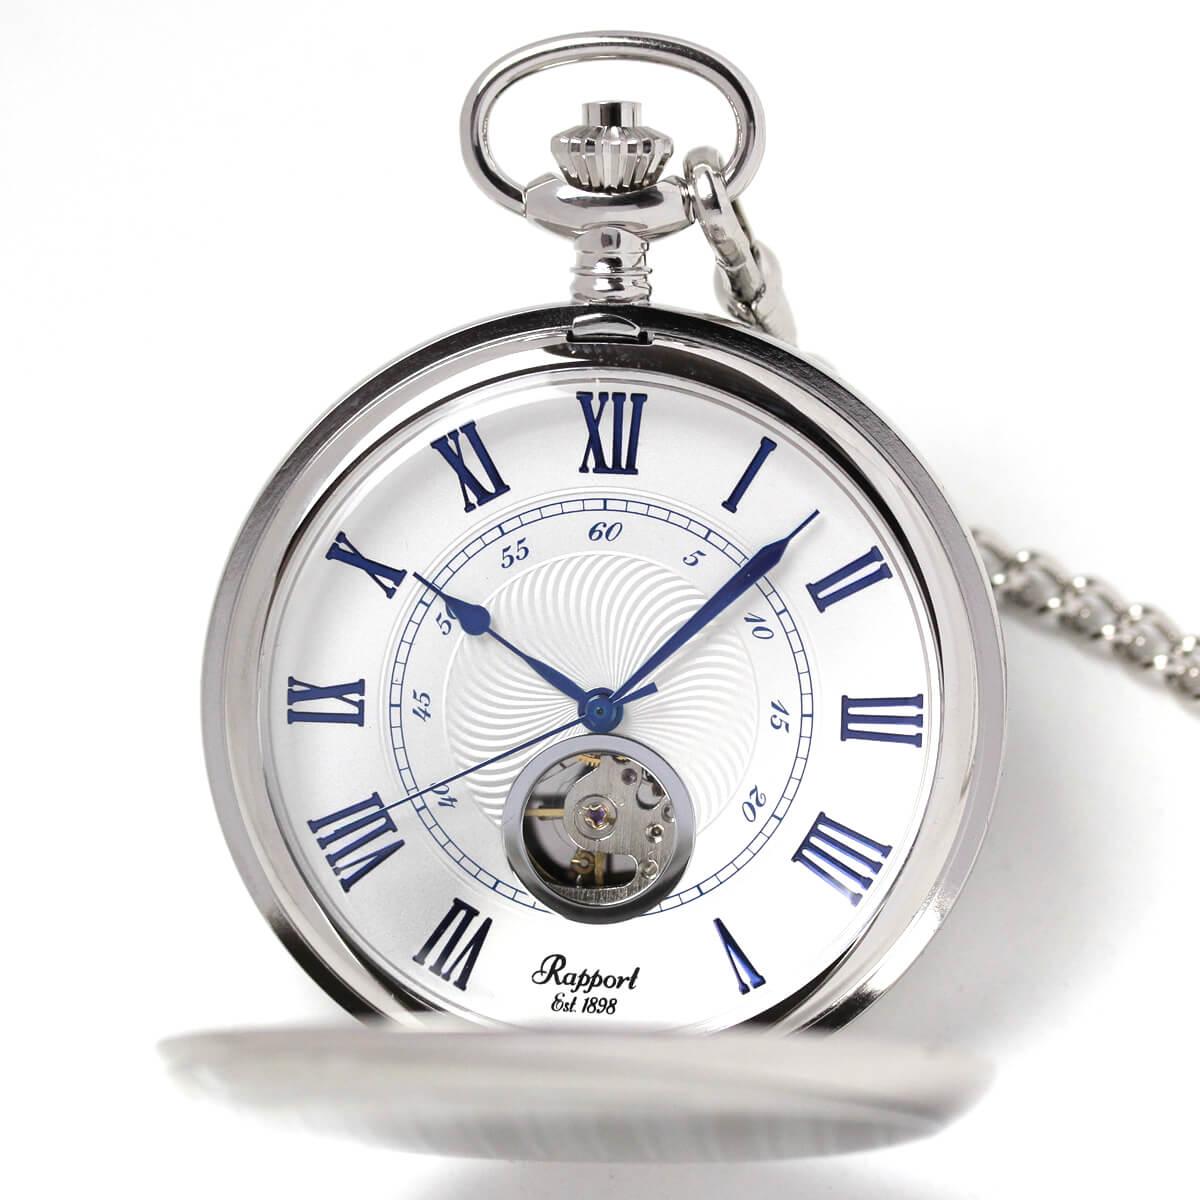 イギリスブランド rapport(ラポート) 懐中時計 pw99 シルバーカラーの両蓋開きモデル